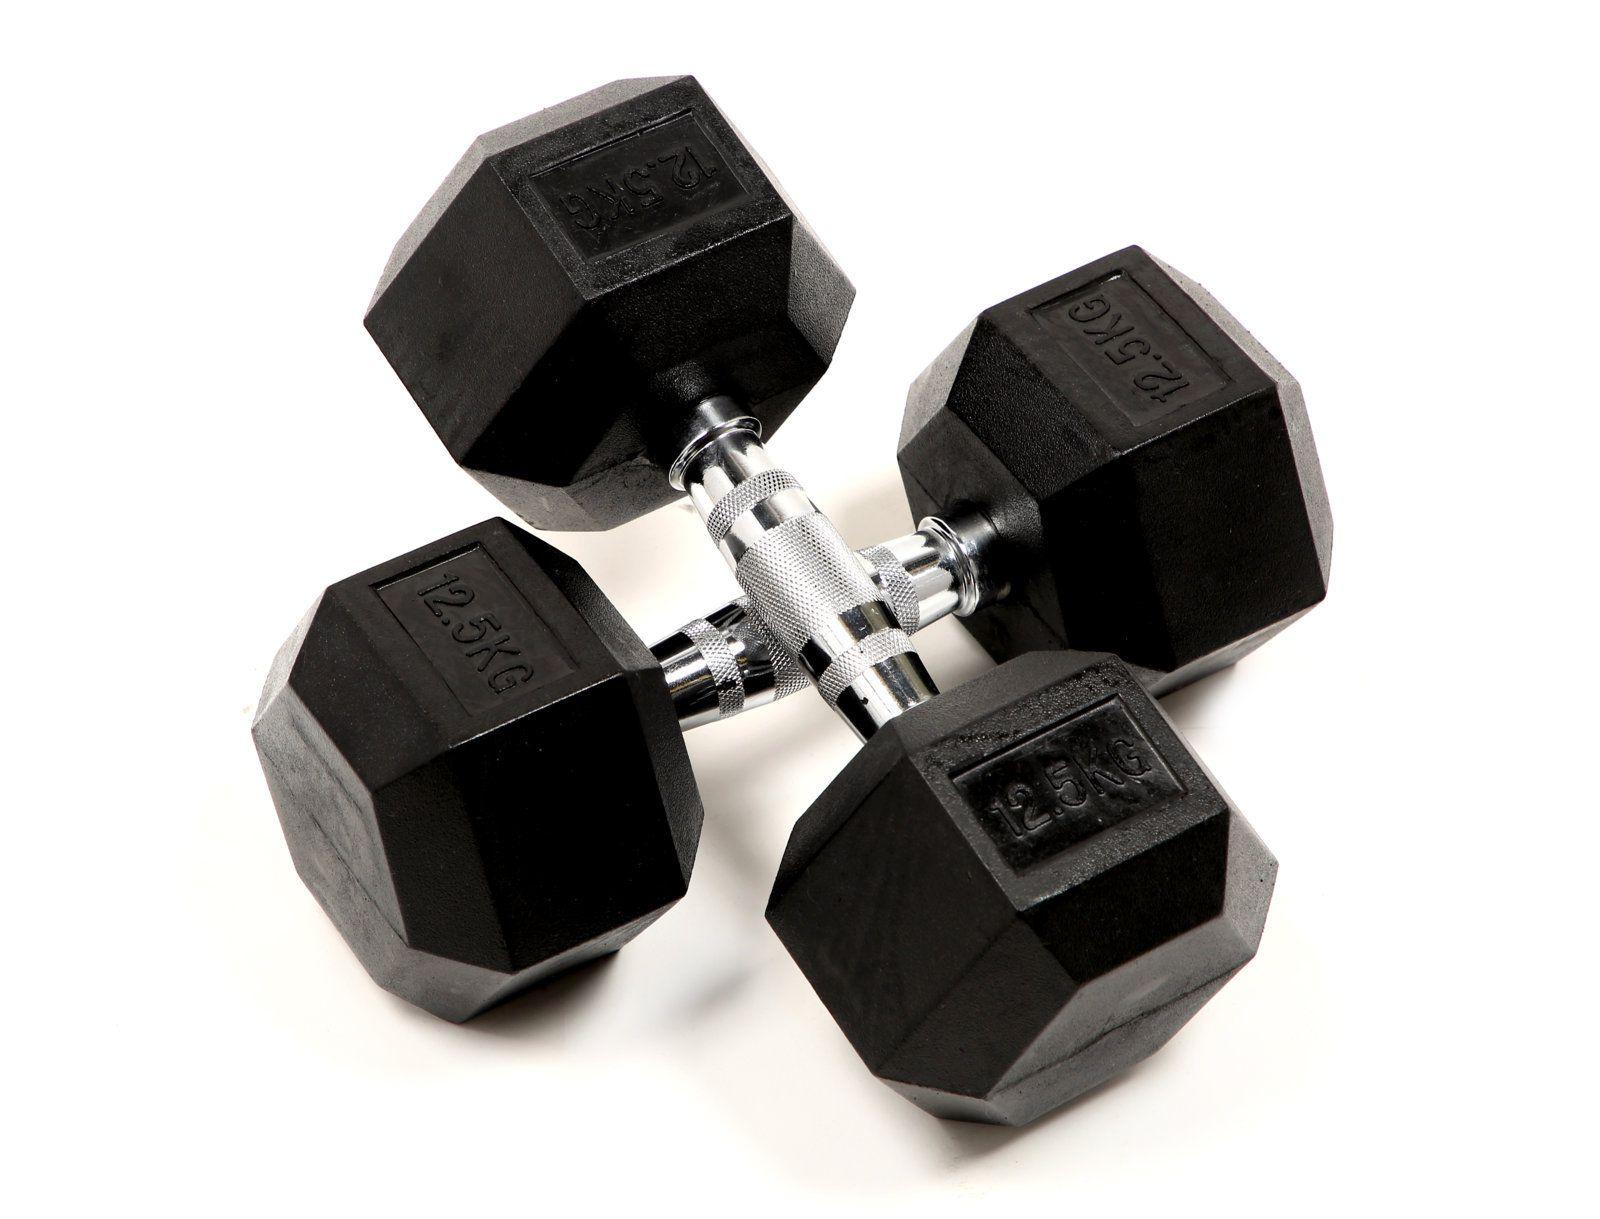 52d655714 Kit Halteres Dumbbell Sextavado Hexagonal Borracha 1 A 10kg - ODIN FIT